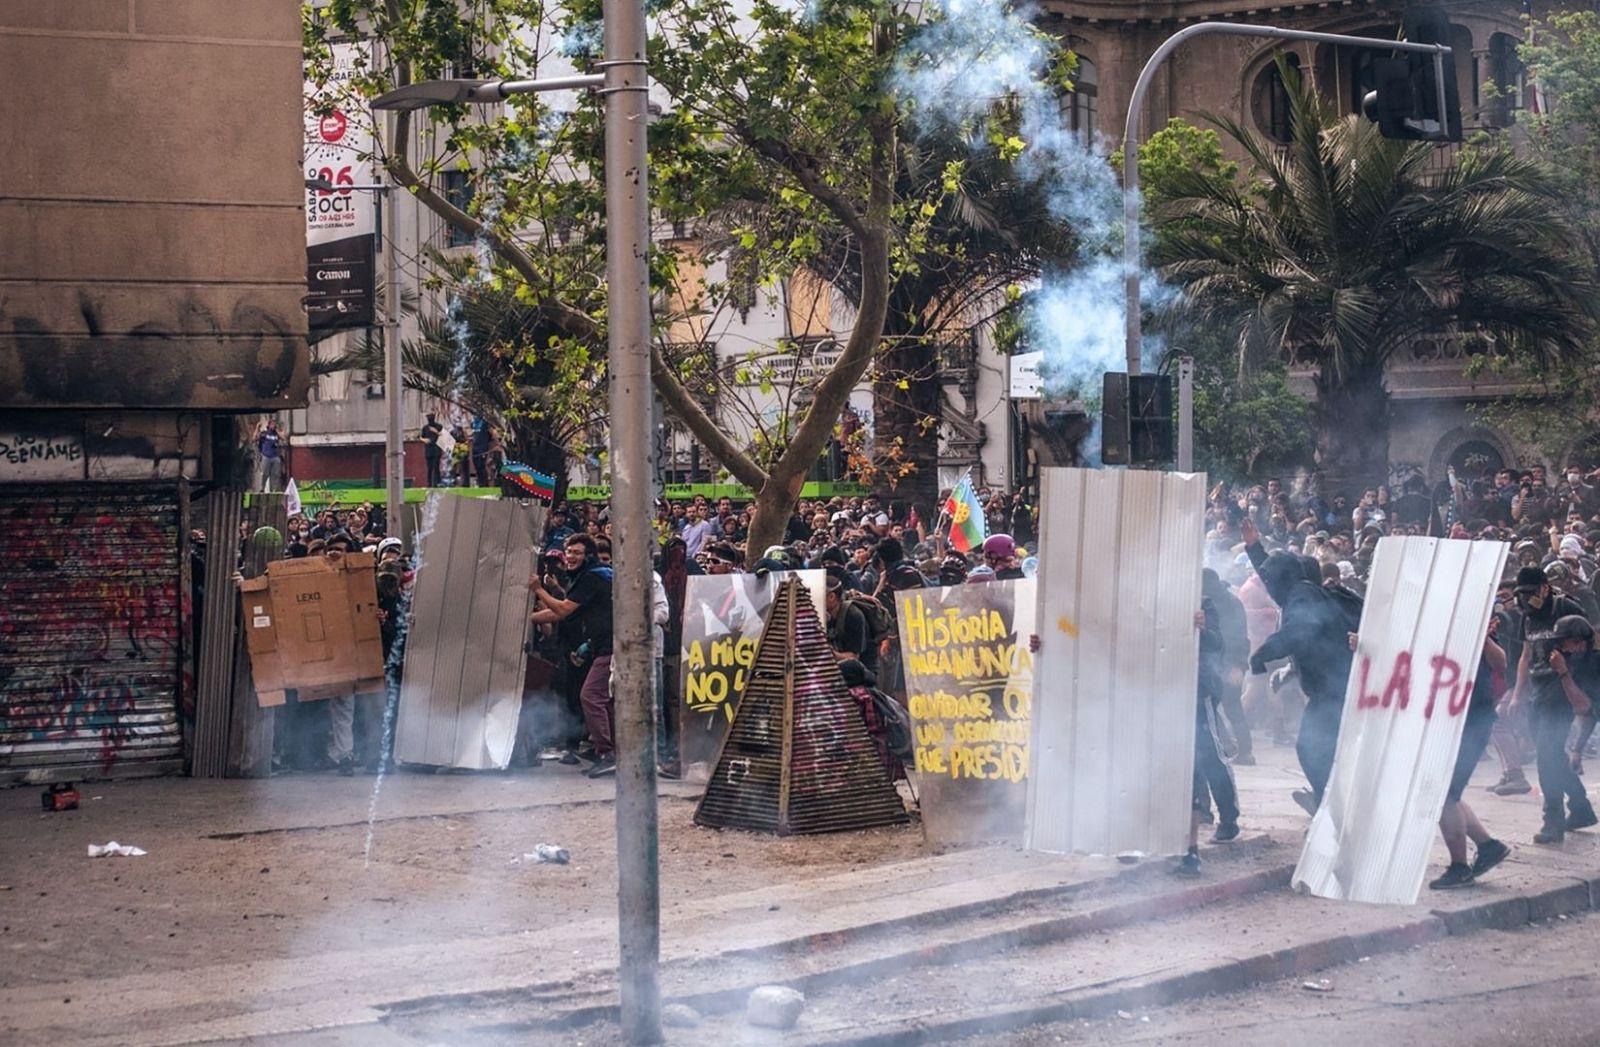 Demonstrationen in Chile, Santiago. Widerstand in der ersten Reihe für Würde. (Foto: Juan Manuel Núñez Méndez, Unsplash.com)